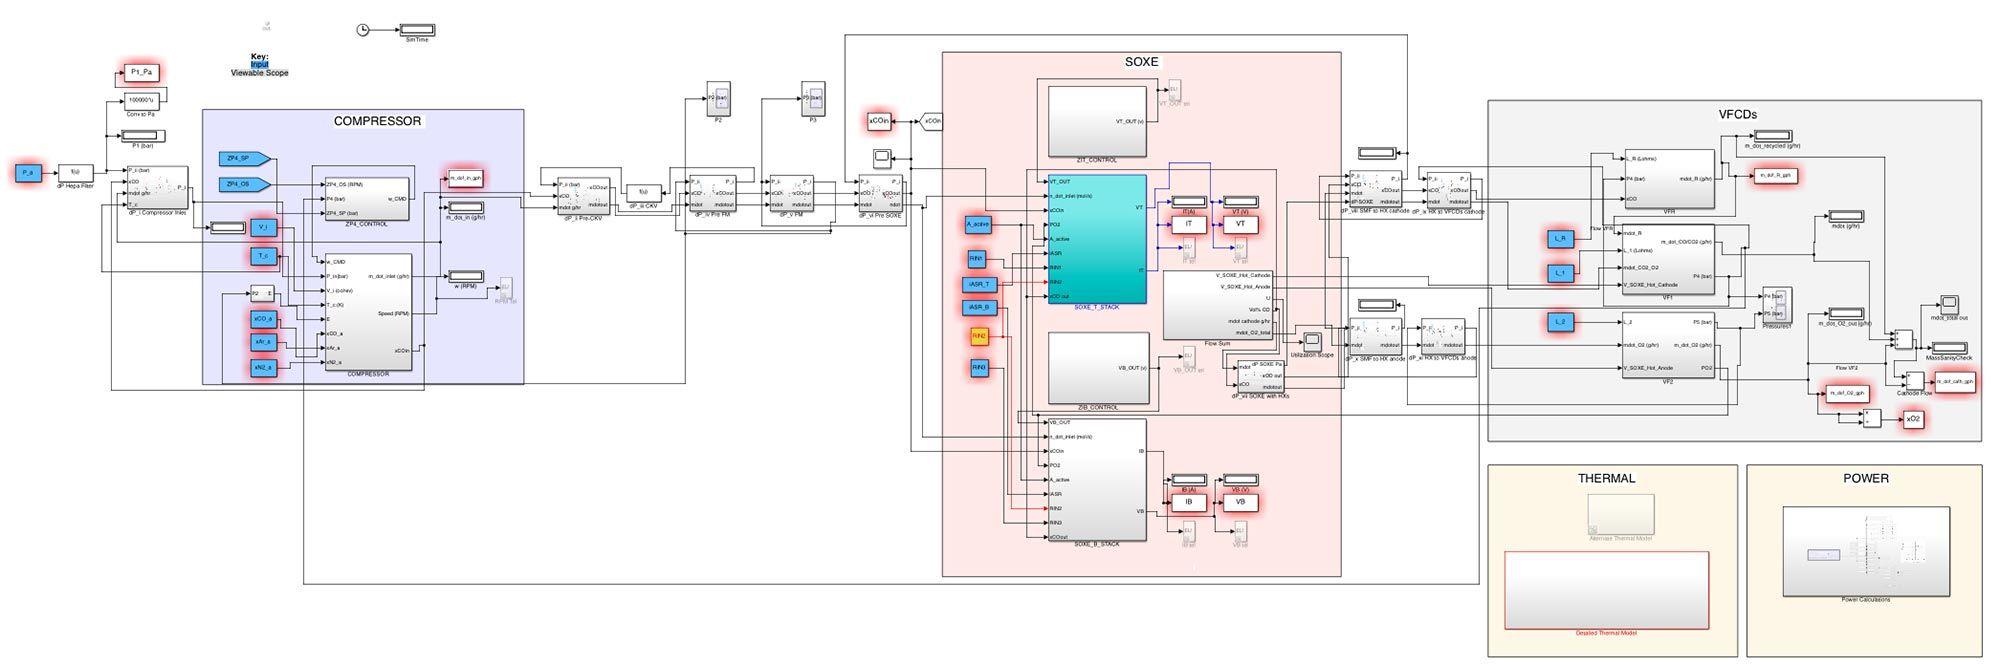 Screenshot of Simulink model.